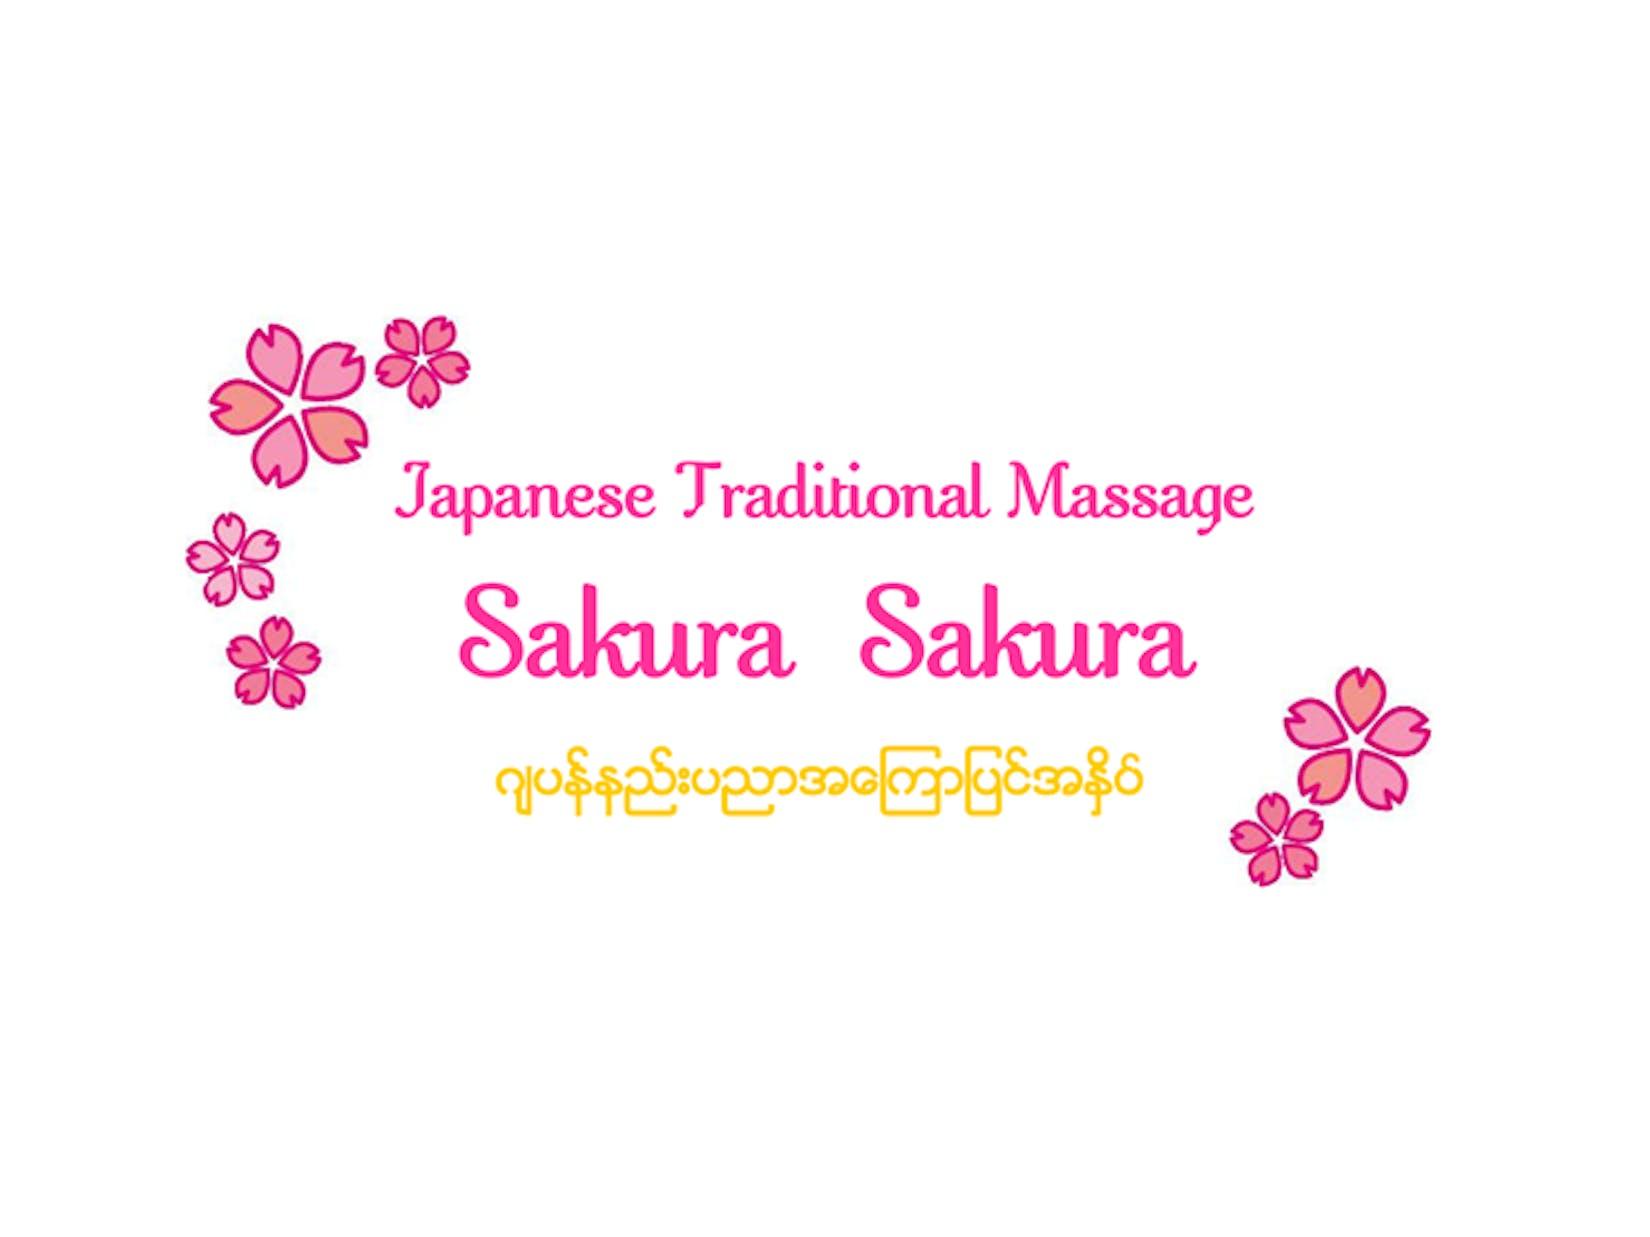 Sakura Sakura  Japanese traditional massage   Beauty